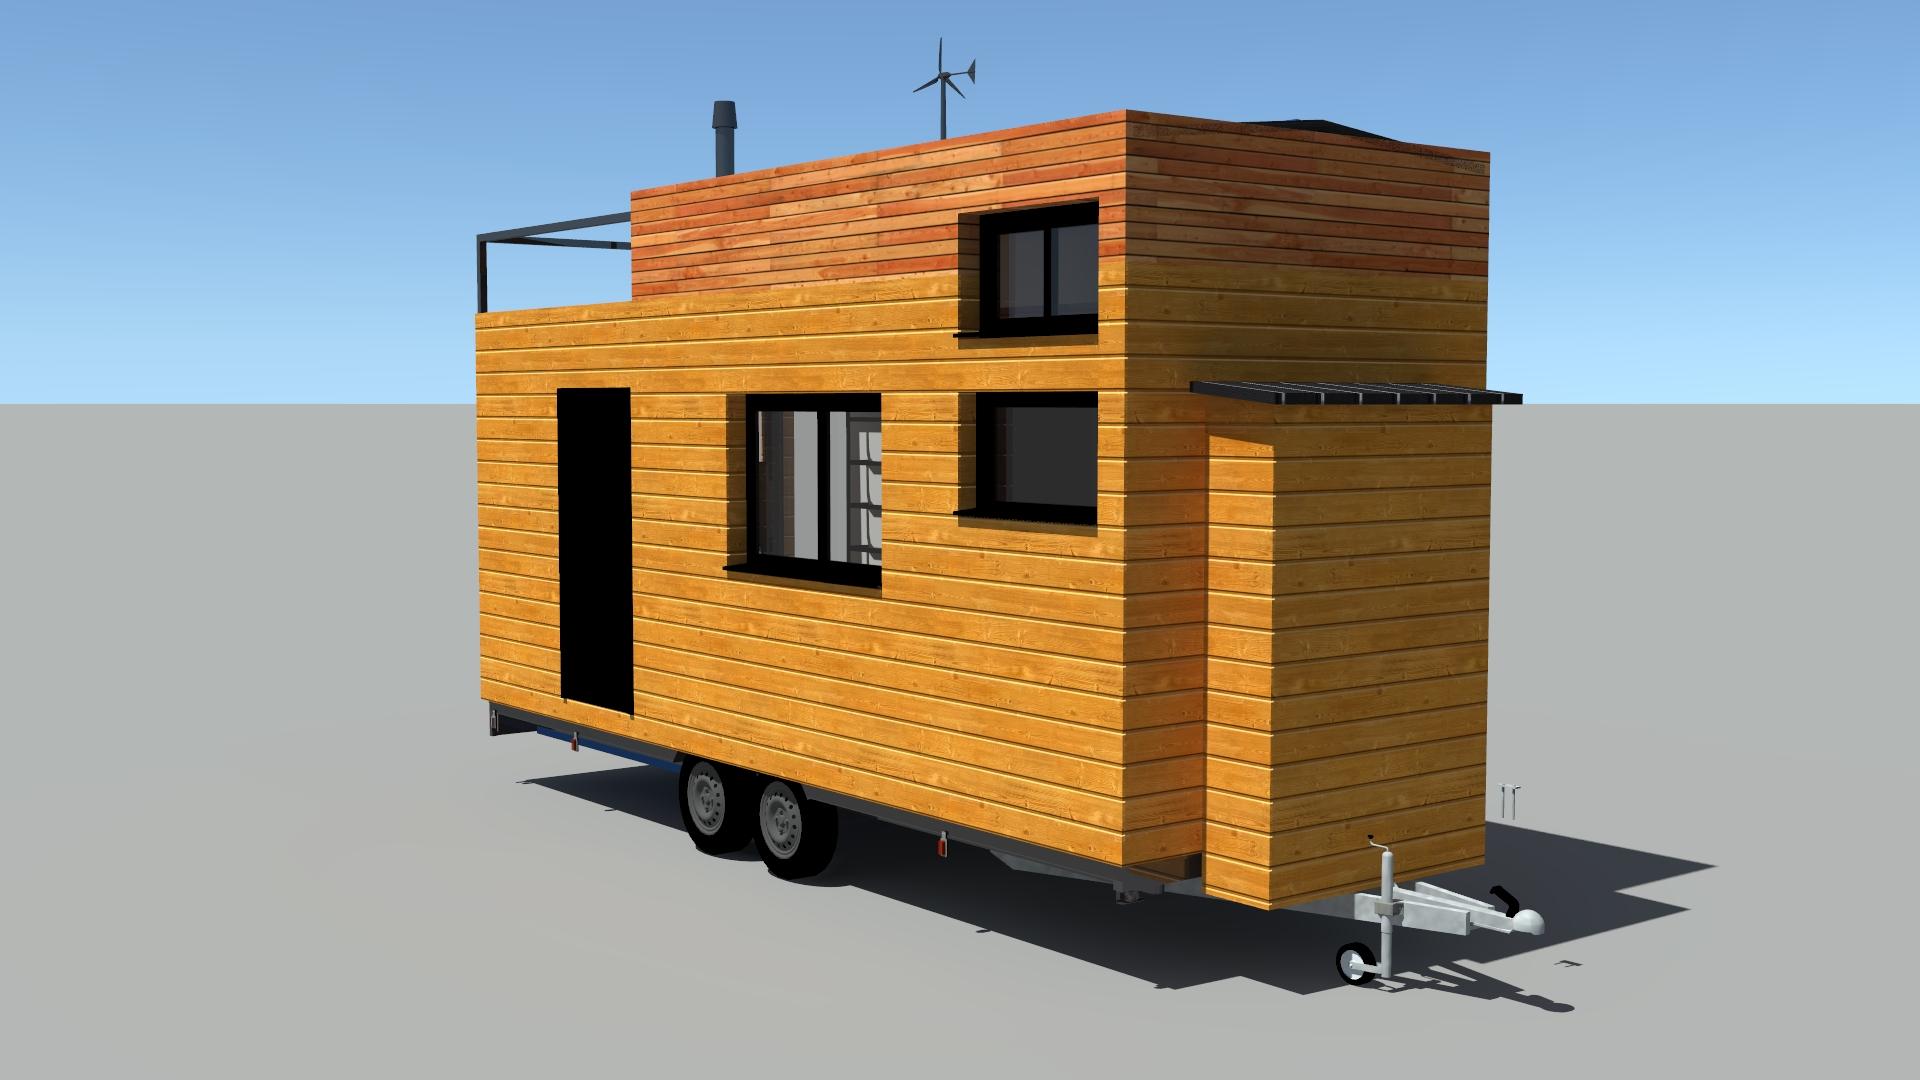 La tiny de Nicky # 6 – Modélisation 3D